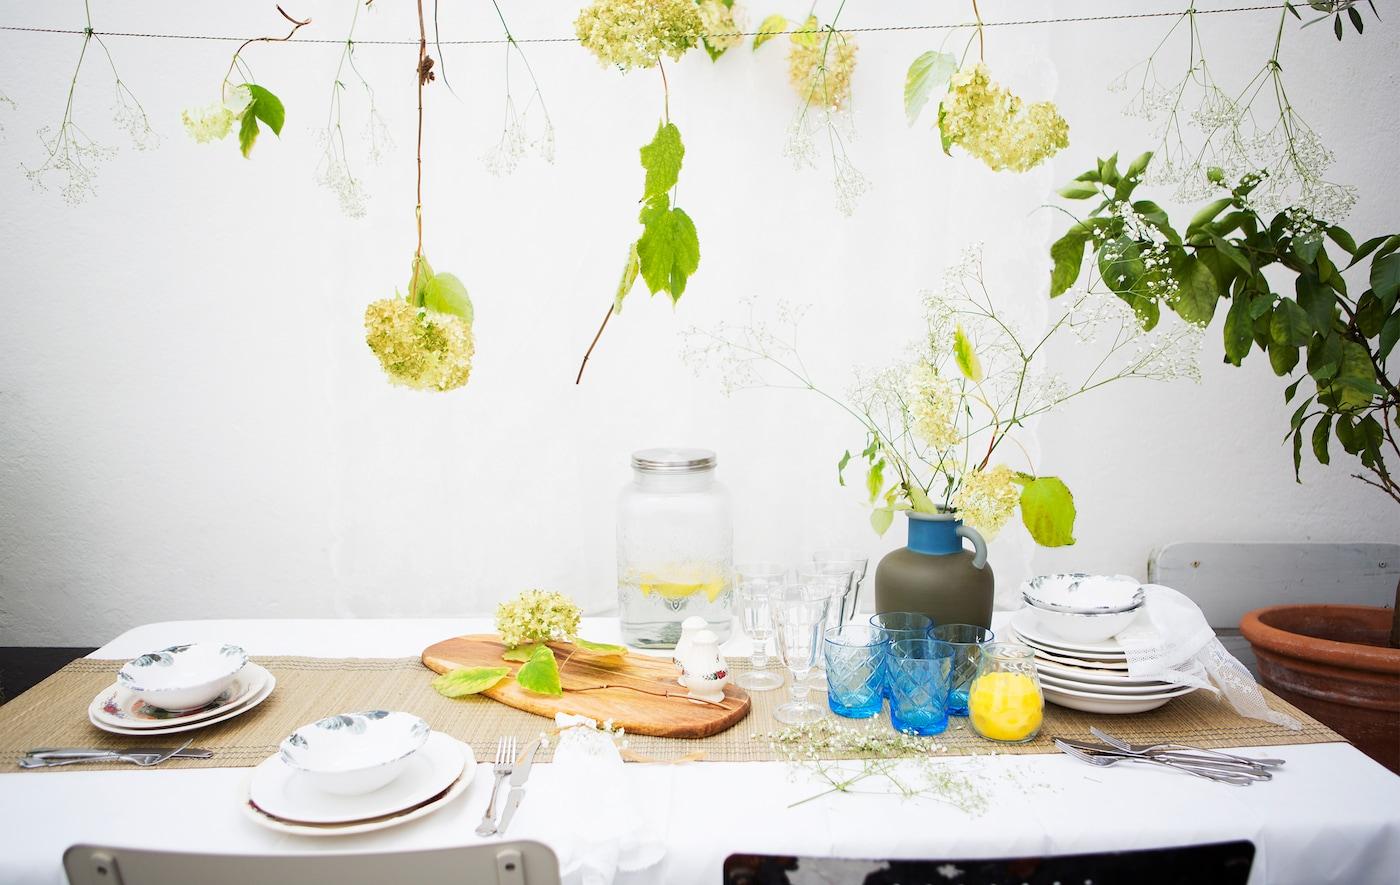 Un aranjament de masă cu vase ceramice cu model, pahare și o vază cu flori, și flori suspendate.